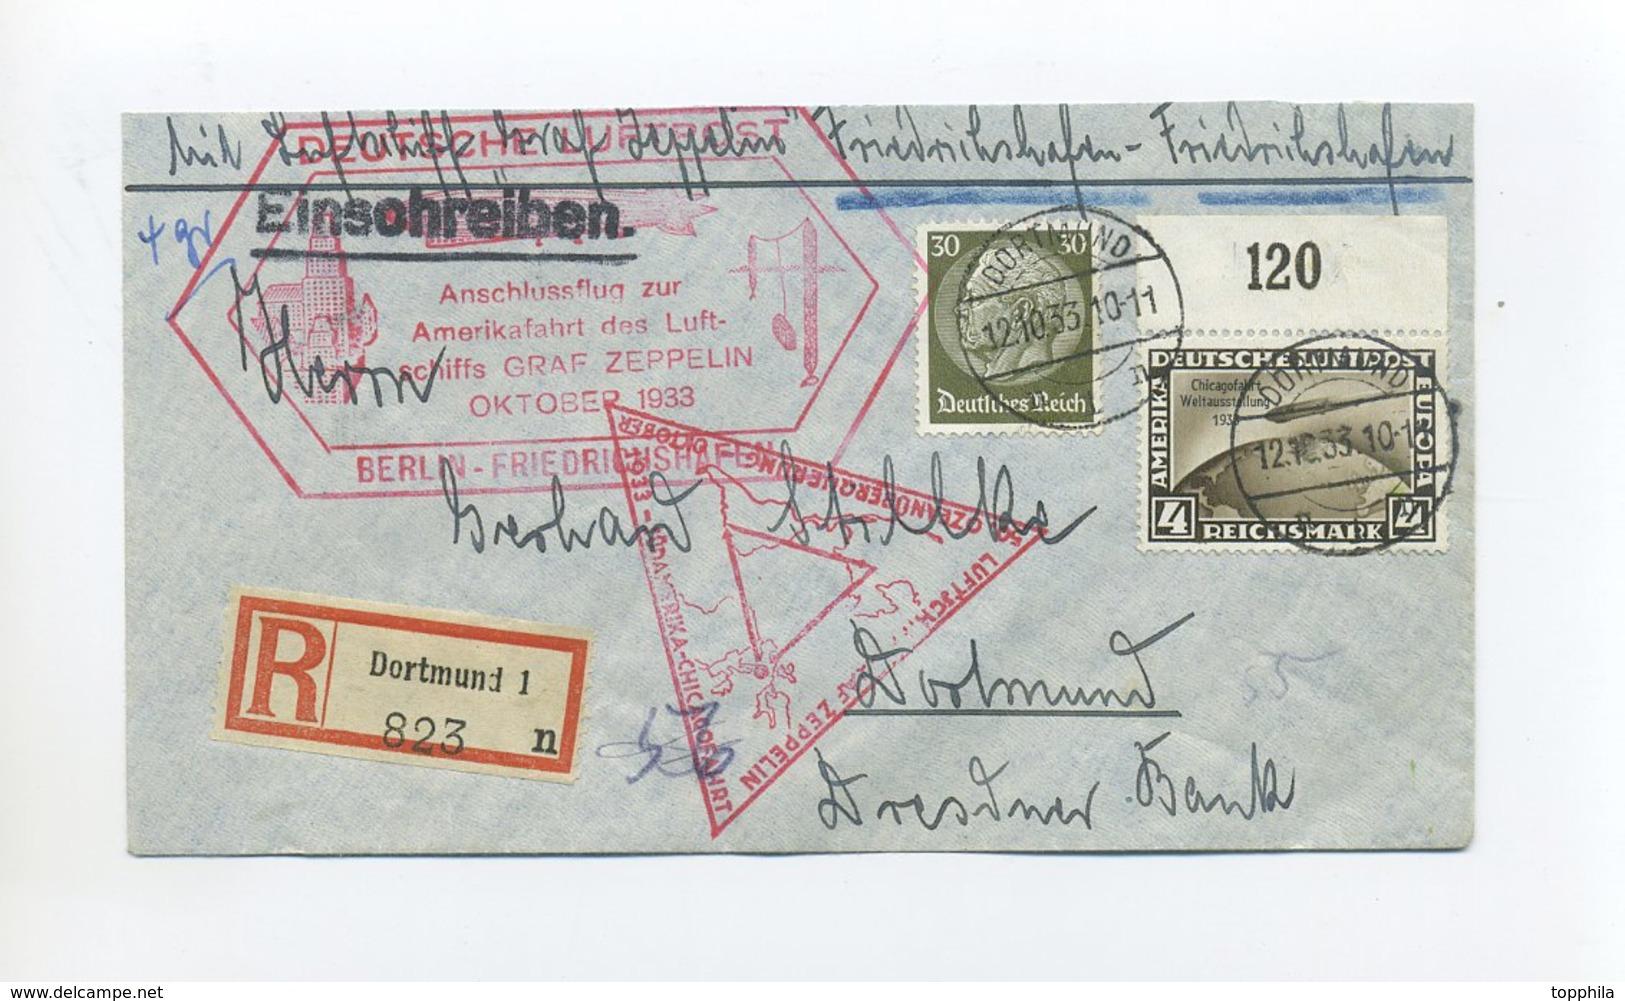 1933 3. Reich Zeppelin R-Brief Chicagofahrt Rundfahrt Anschlussflug Berlin Gute Frankatur 4 Mark MI 498 Oberrand SI 238E - Deutschland